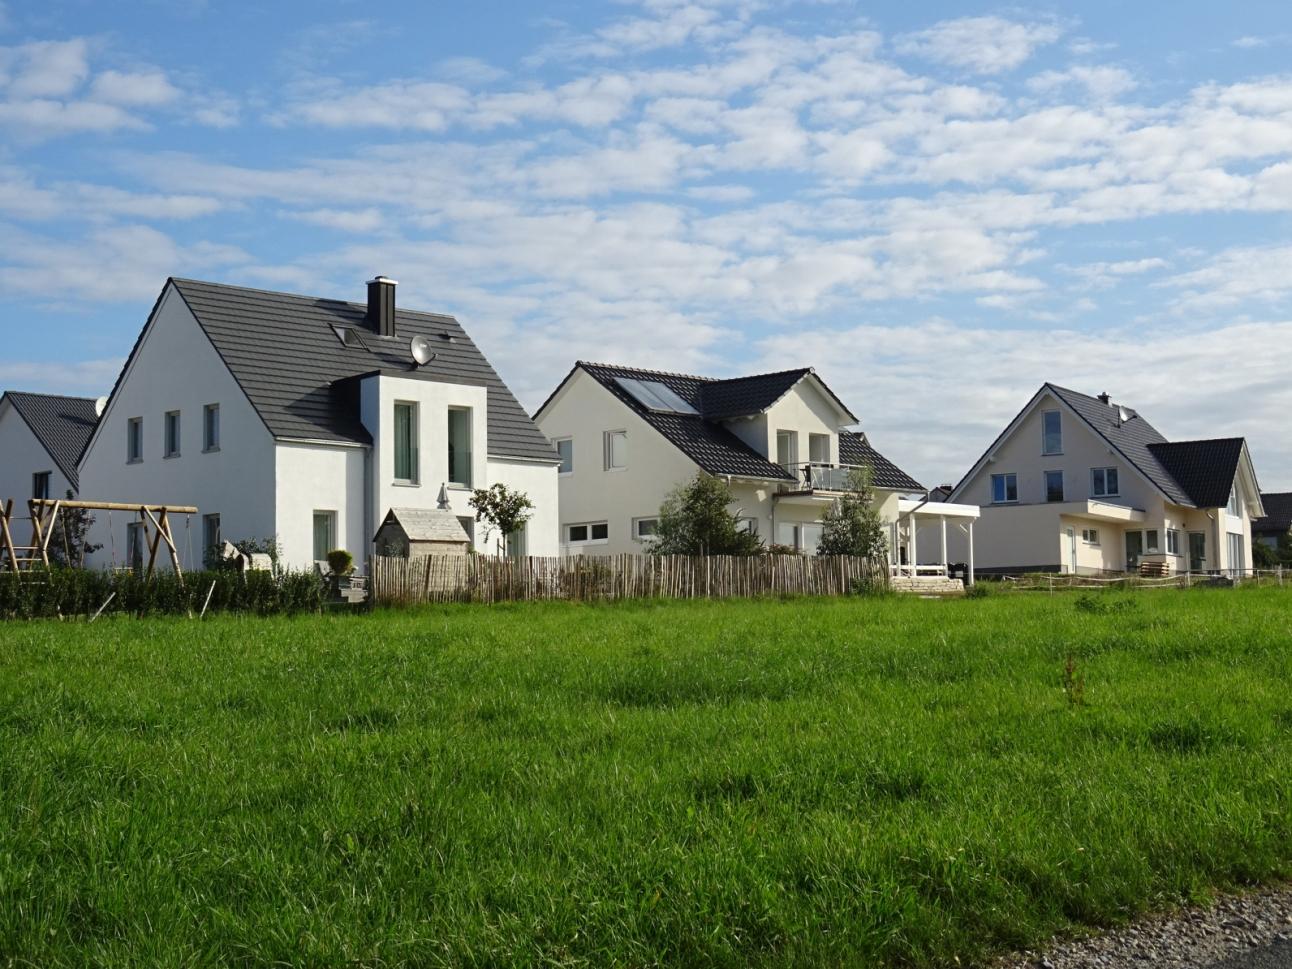 Einfamilienhäuser in Niederdornberg-Deppendorf